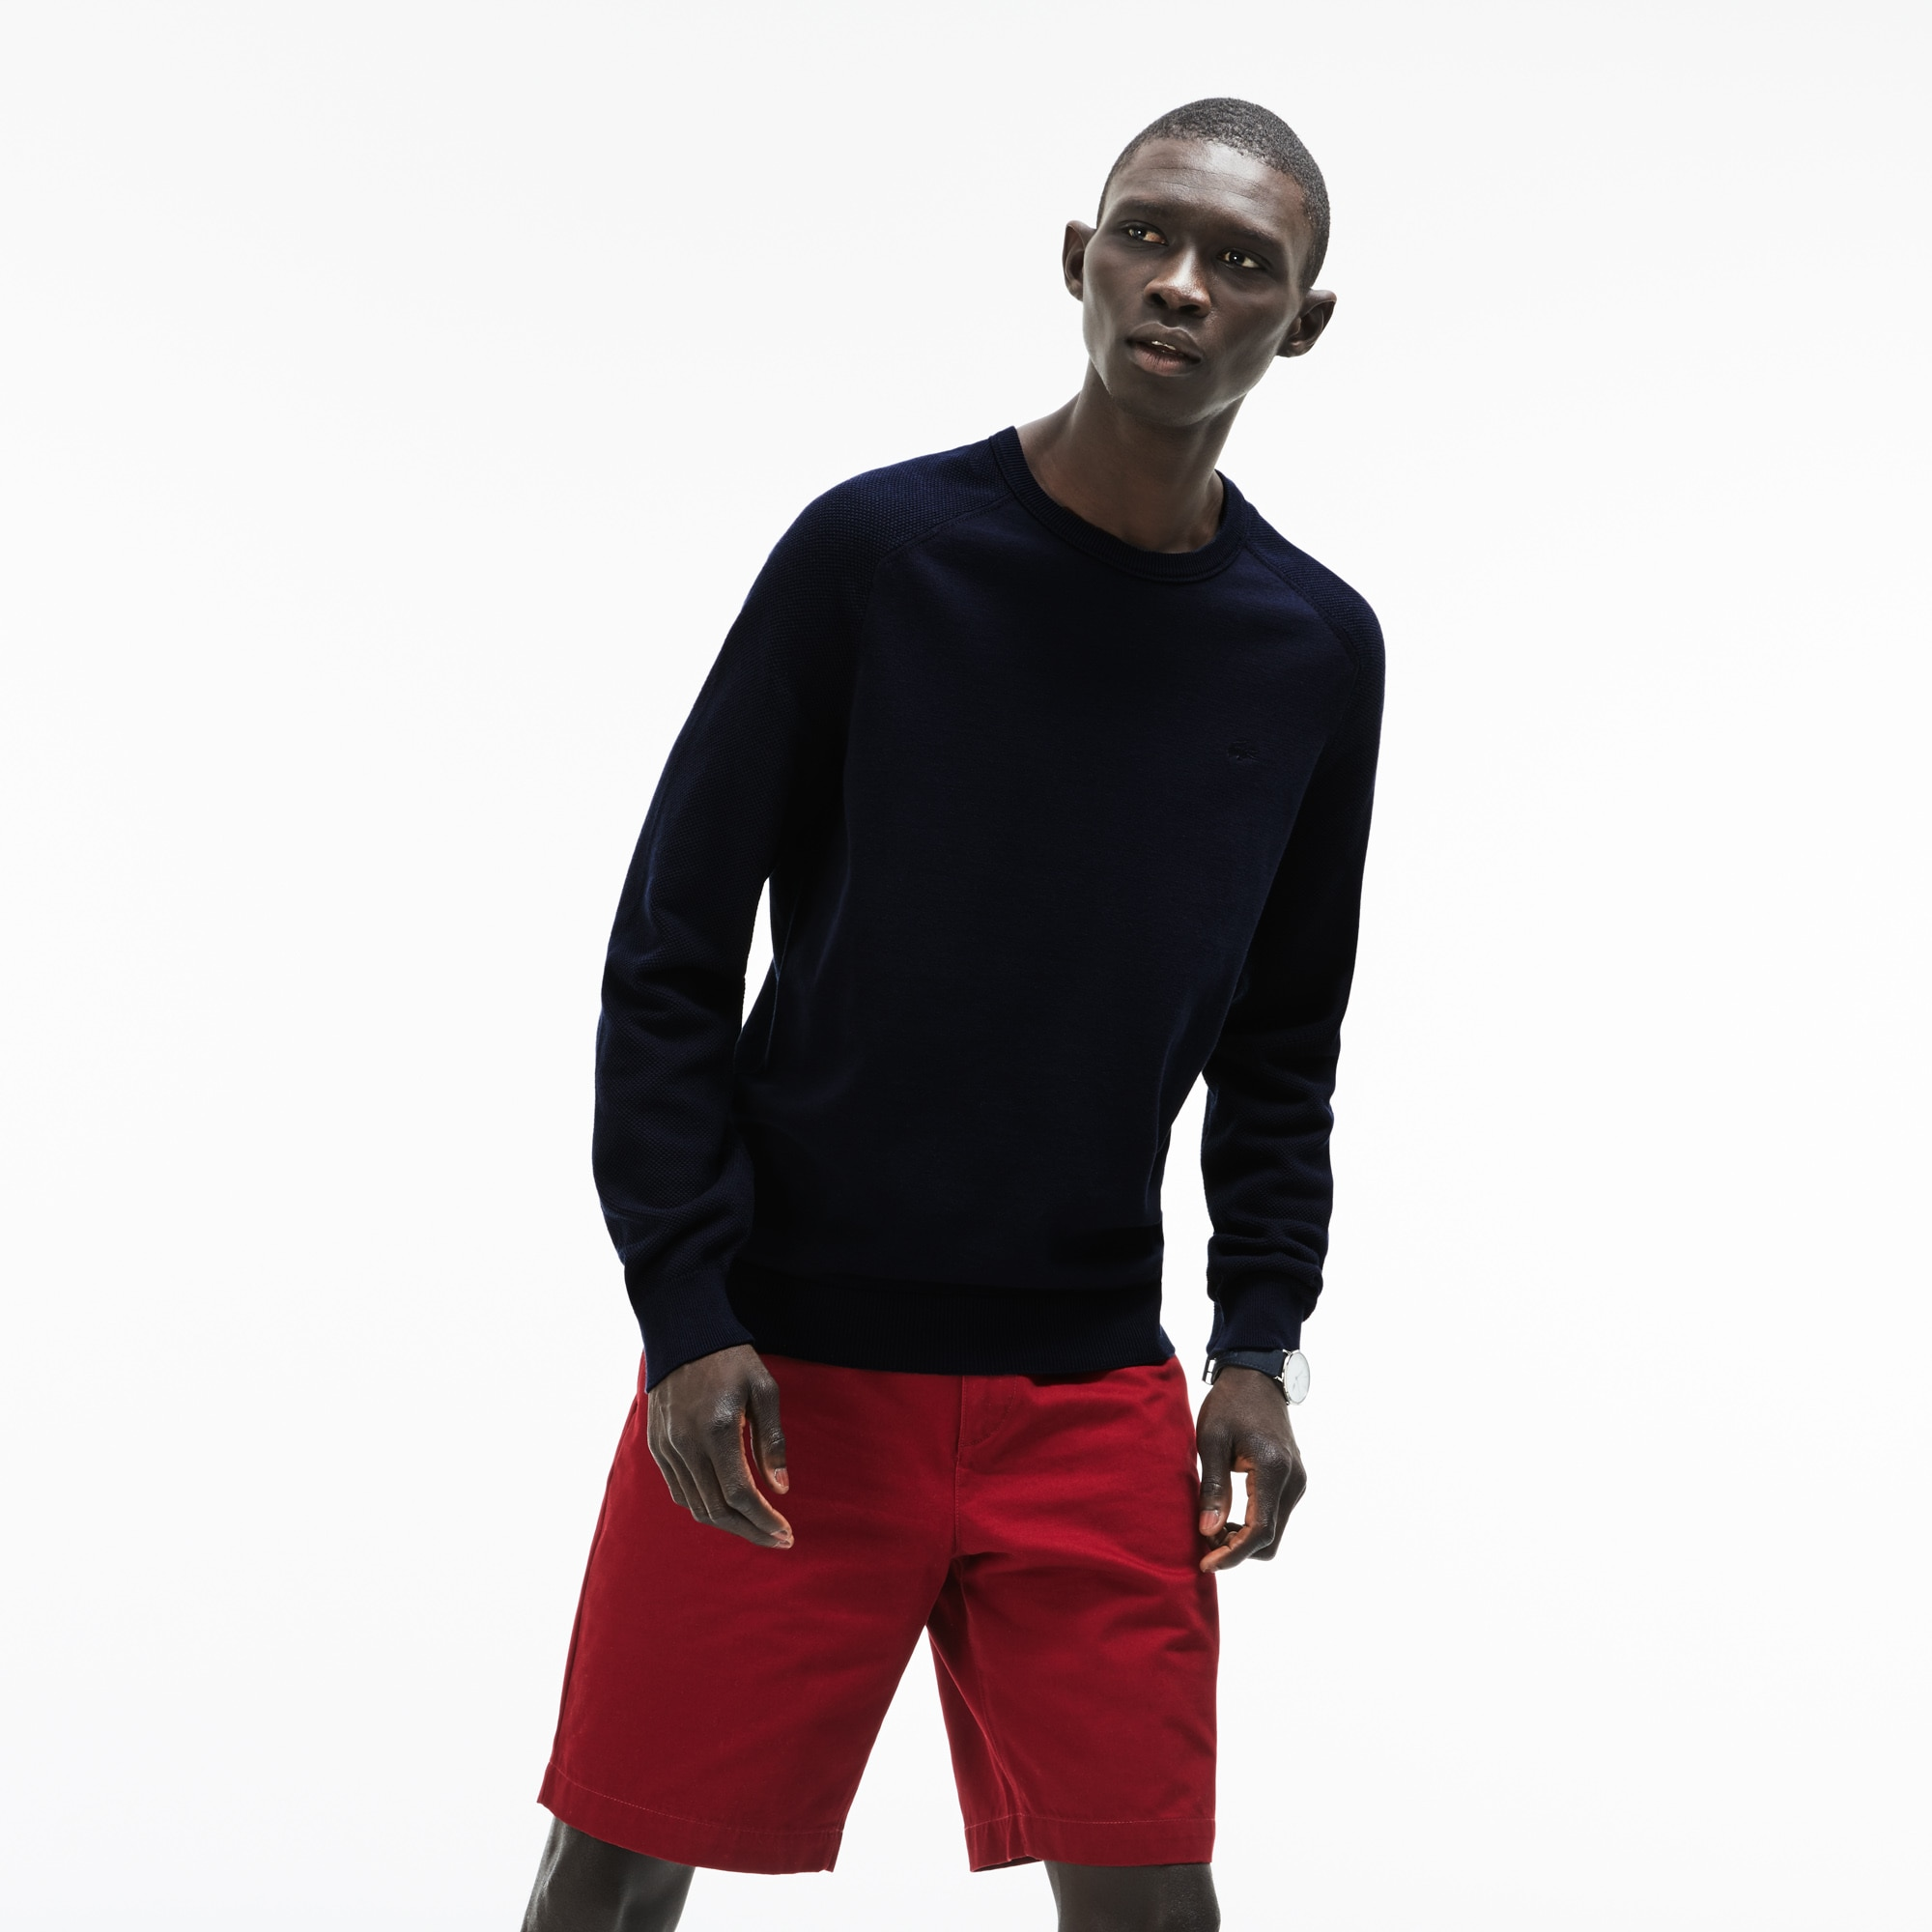 Camisola decote redondo em malha técnica com mangas a contrastar